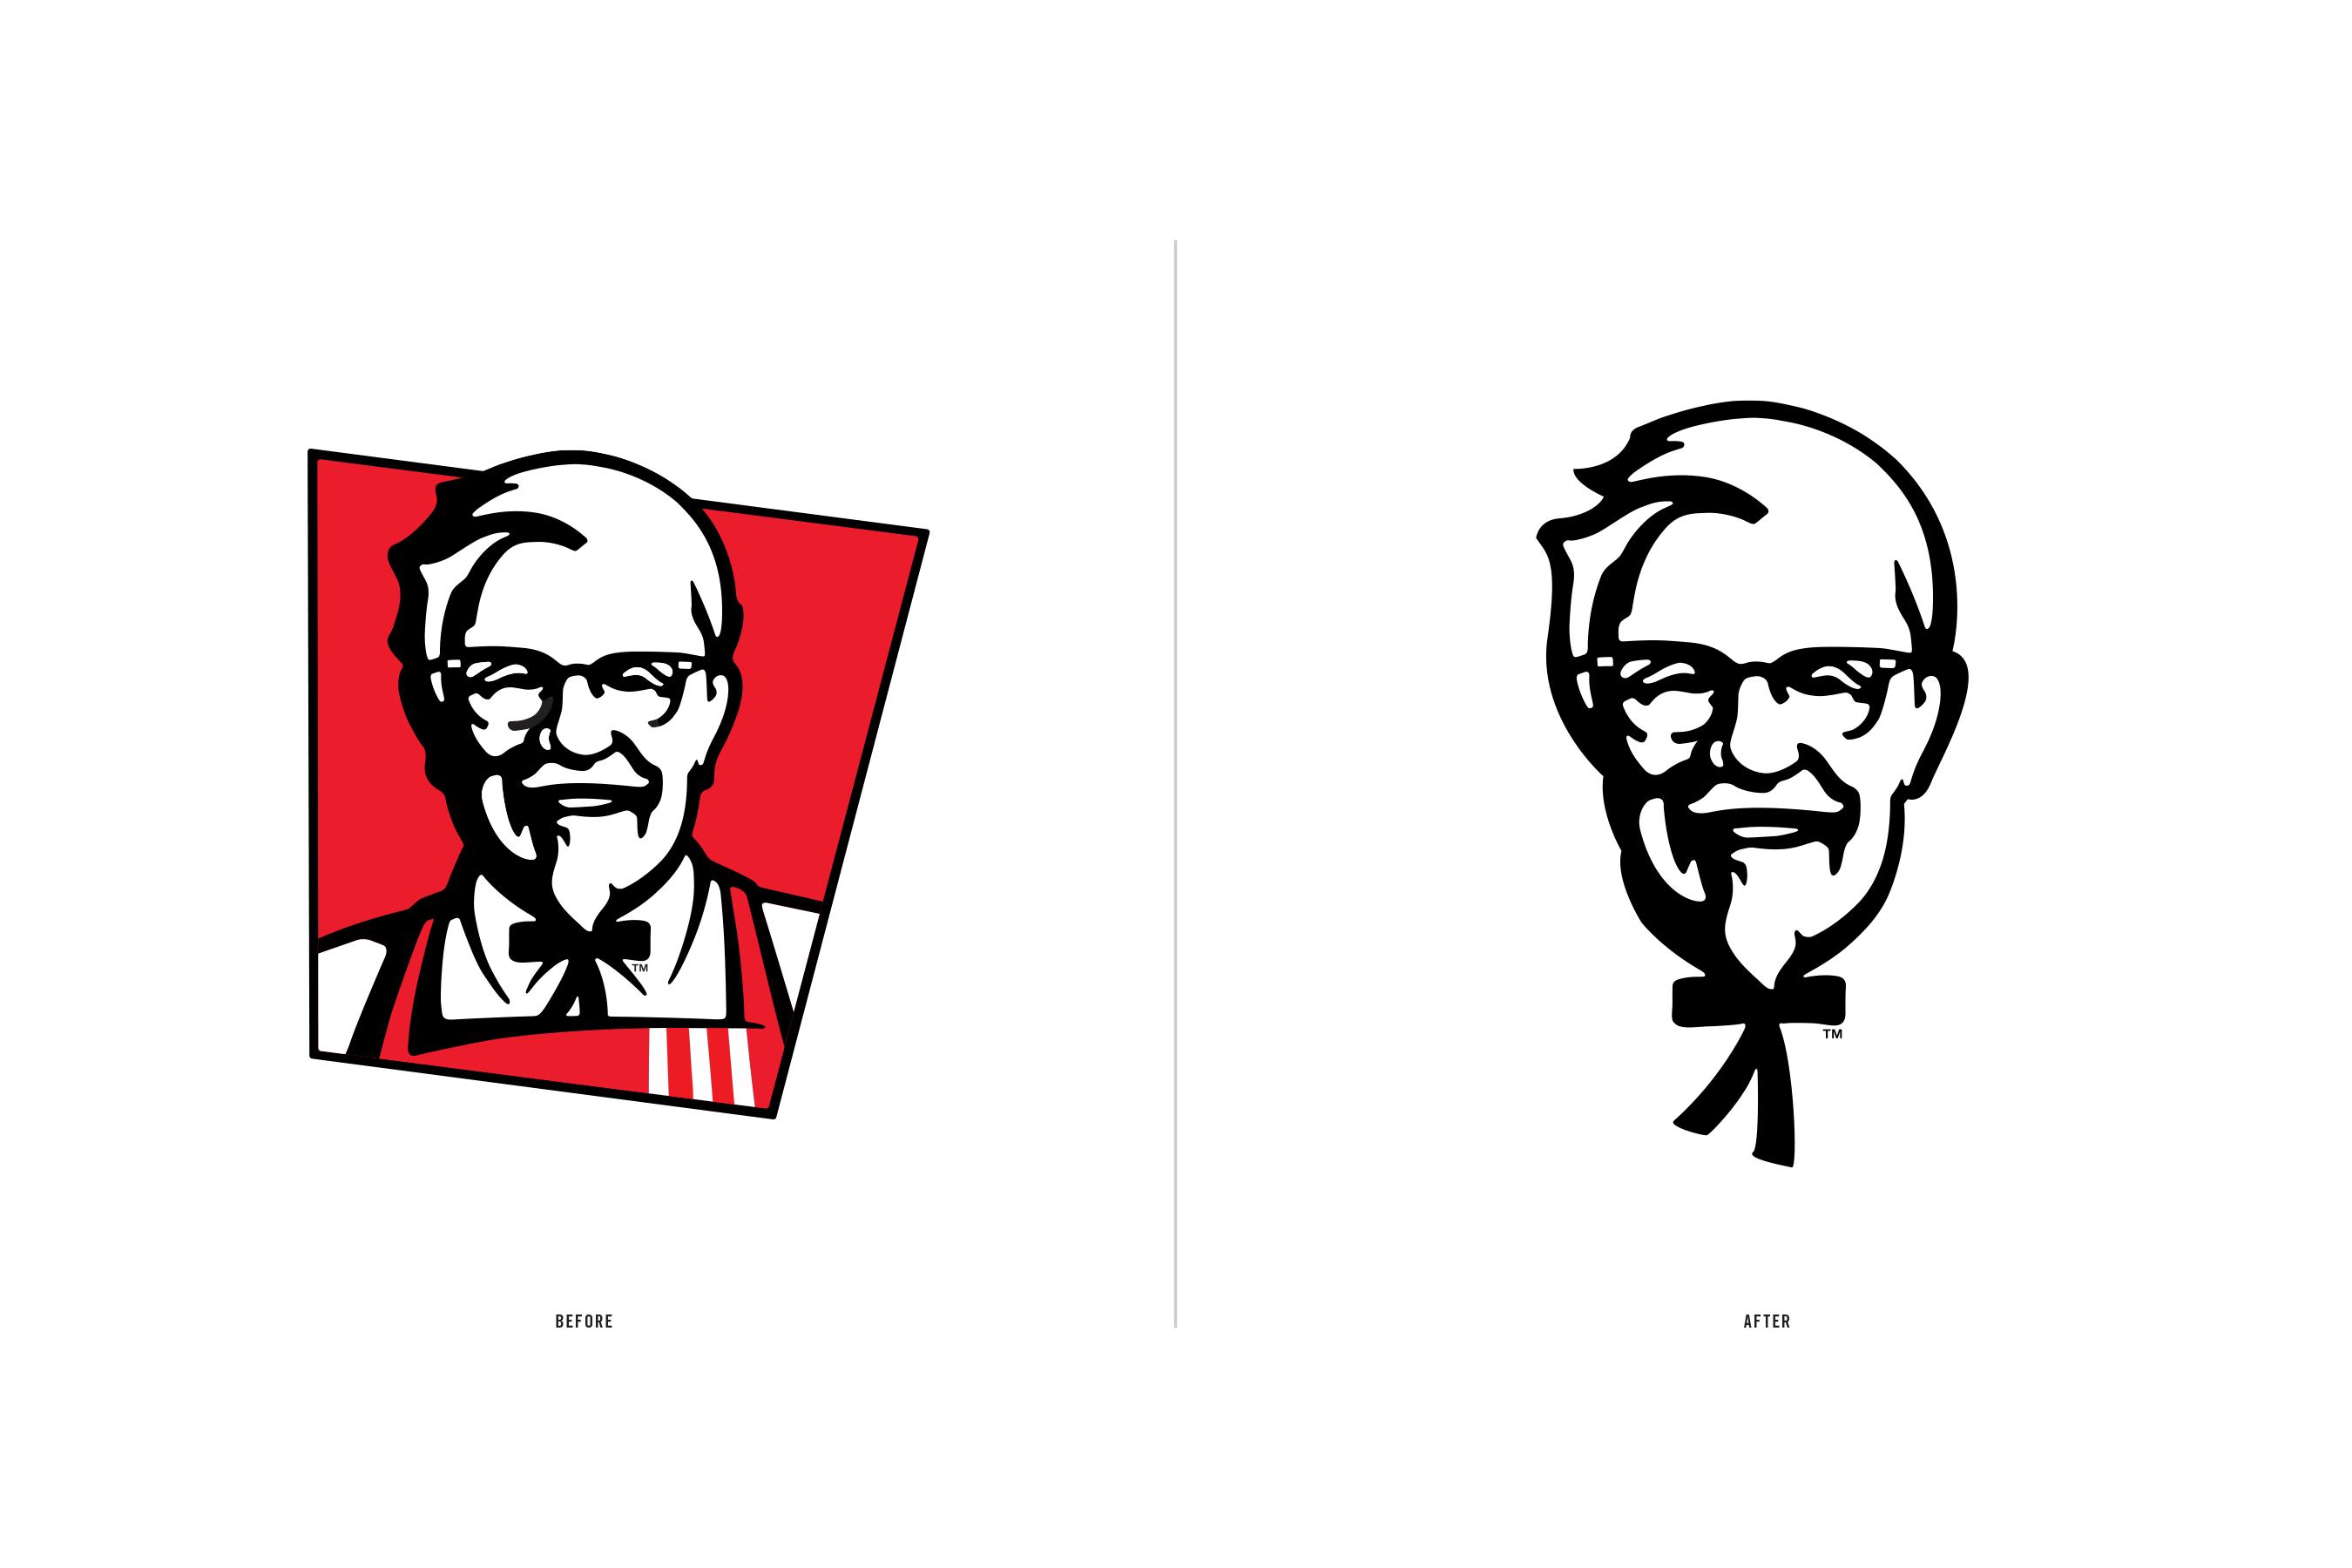 肯德基更新品牌视觉形象设计